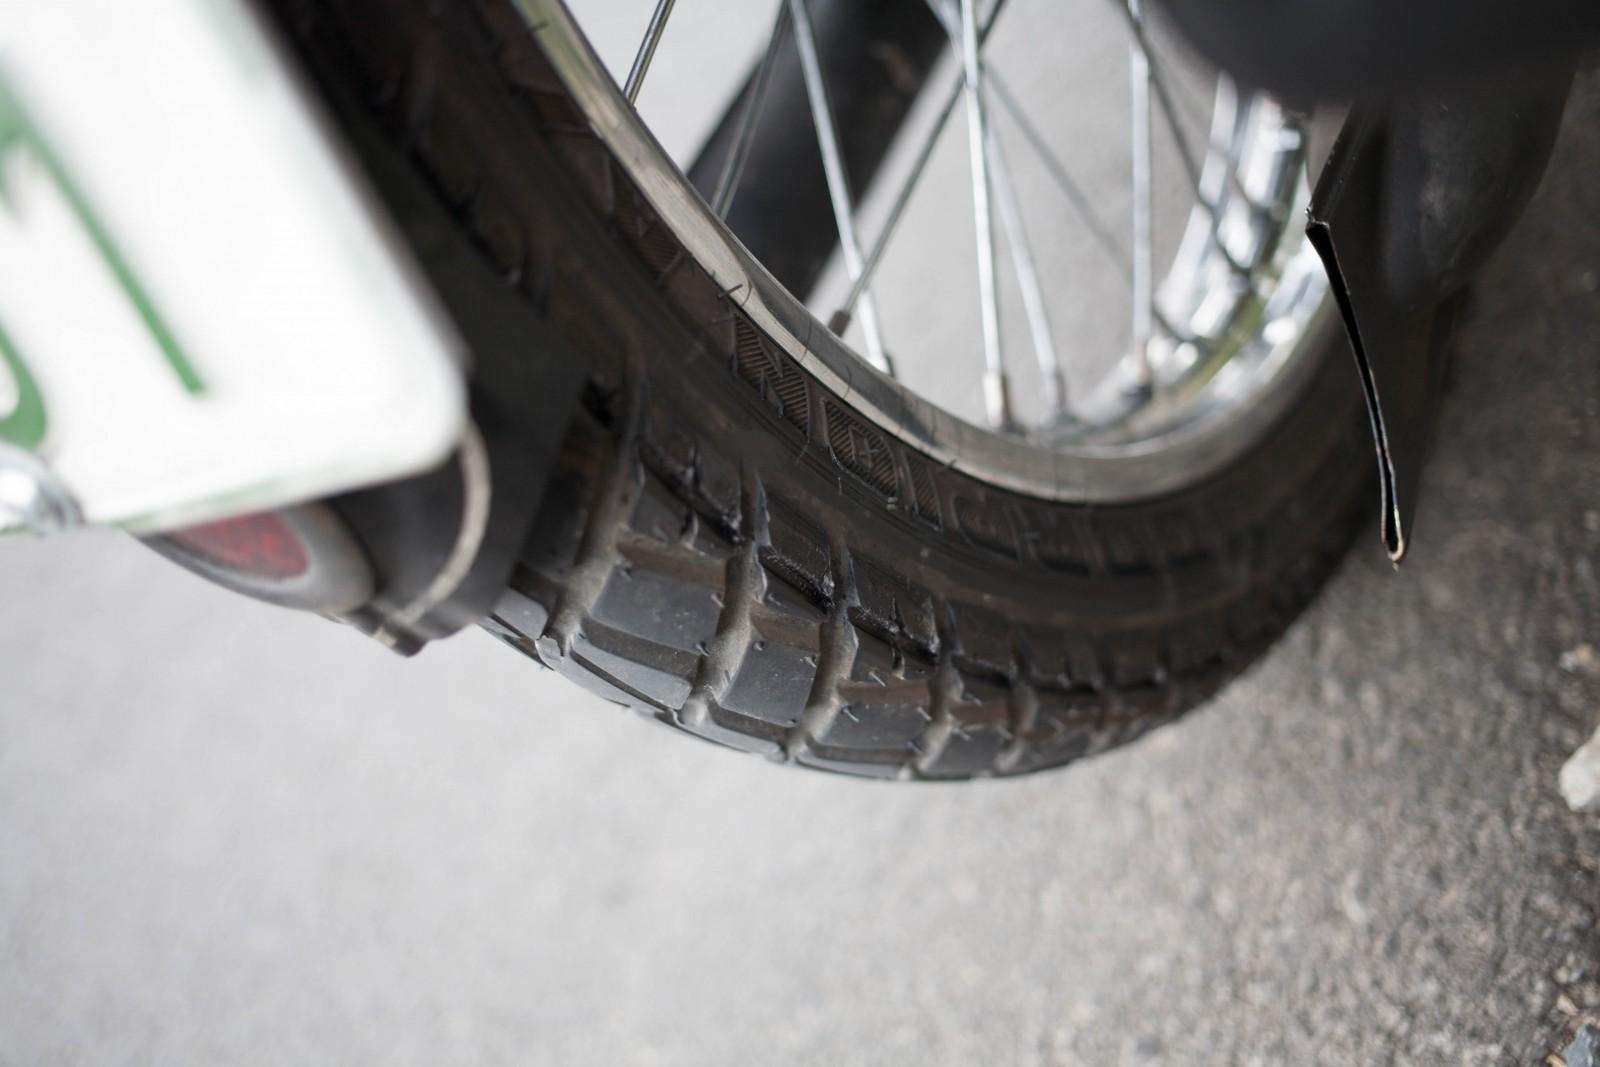 Drážka v pneumatice